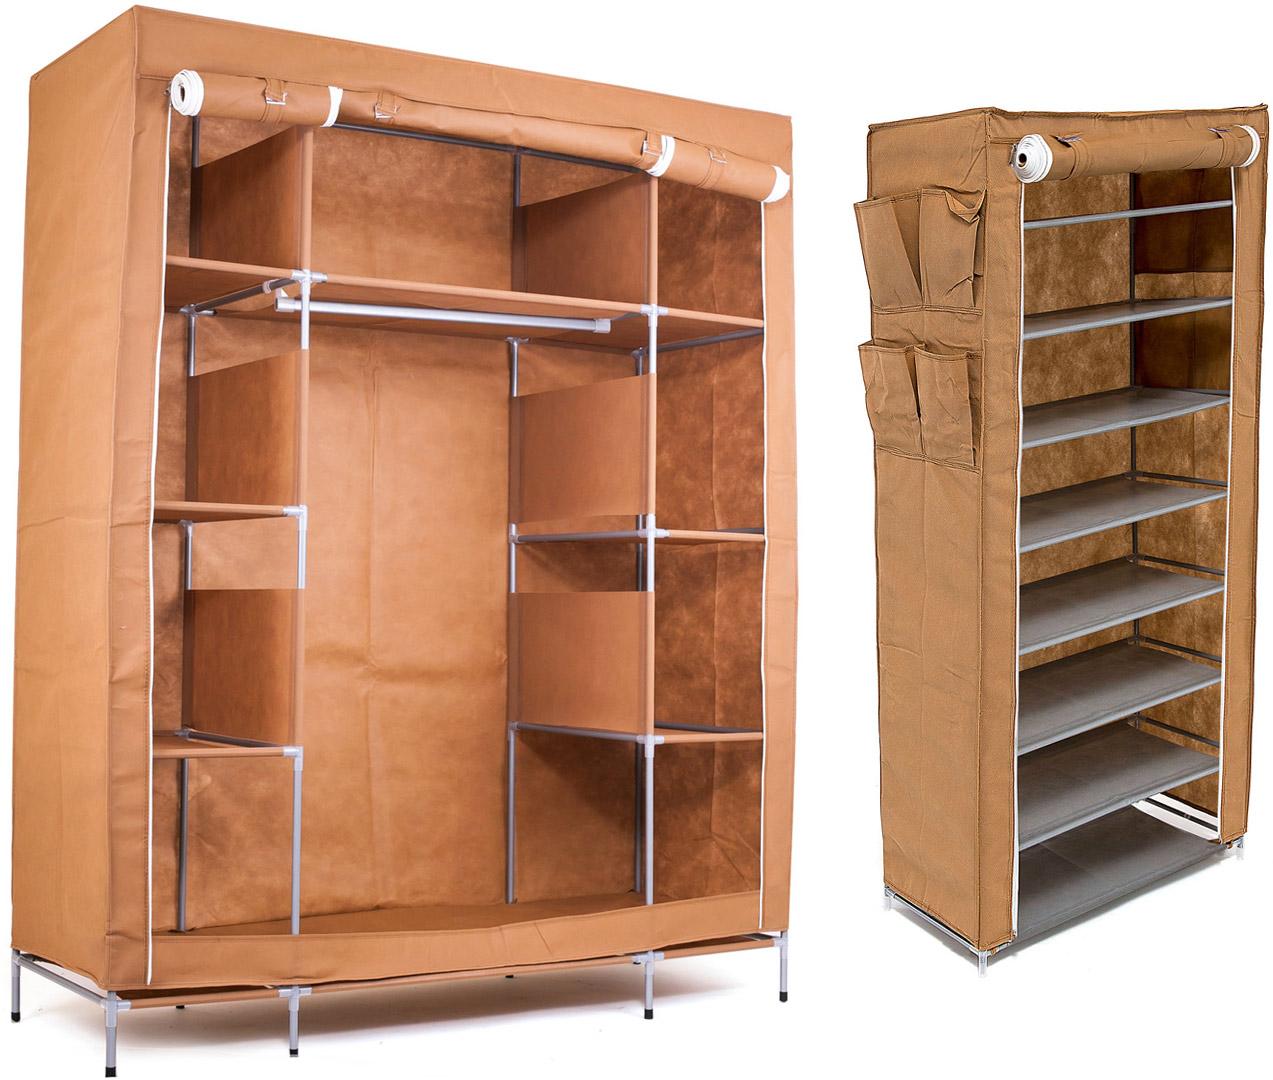 Набор кофров для хранения Homsu, цвет: коричневый, 2 штK100Уникальный дизайн этого комплекта станет настоящим украшением для любого интерьера. Практичная составляющая подобной мебели также вне сомнений. Лёгкие и прочные устойчивые конструкции из каркасов и тканевой обивки могут быть легко собраны вами без посторонней помощи, буквально за несколько минут. Такая мебель будет всегда удобной и максимально практичной, ведь верхнюю тканевую часть при надобности можно всегда постирать либо же попросту поменять на аналогичную другого цвета. Кроме того, такие конструкции всегда будут отличным решением для того, кому по душе мобильность и постоянная смена обстановки. 1400х500х1750; 600х300х1360